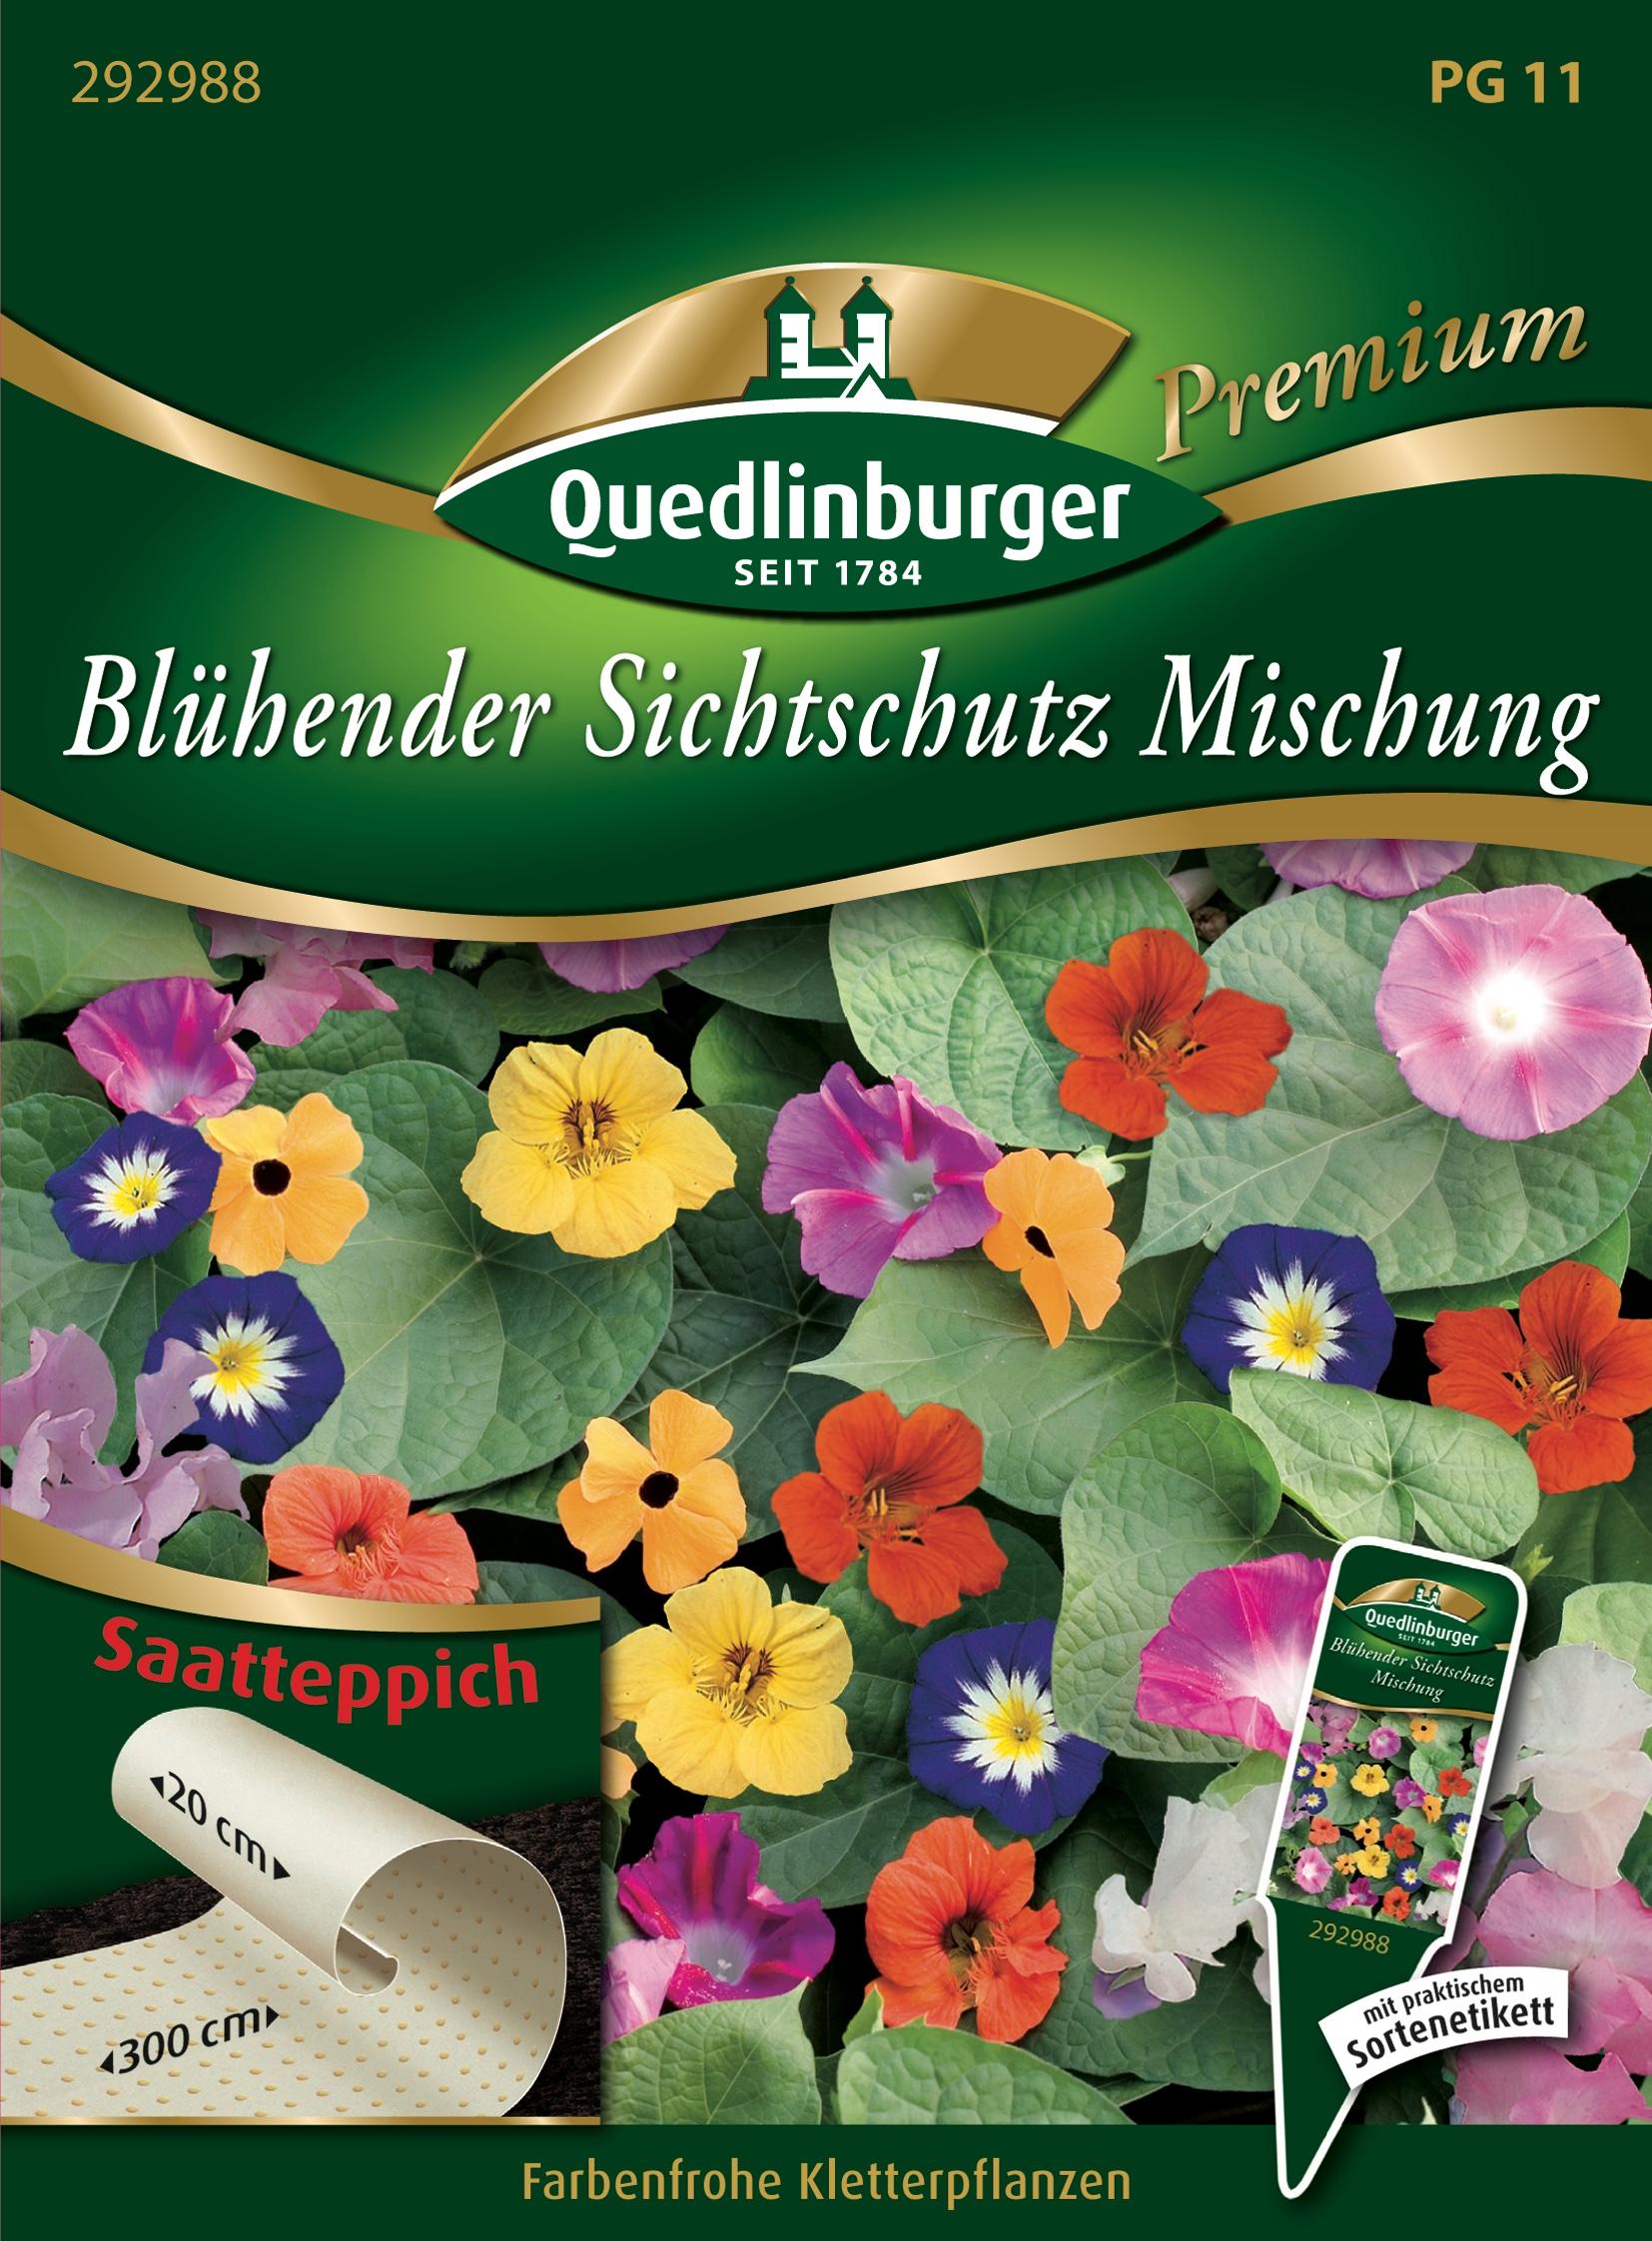 Bluhender Sichtschutz Mischung Gartnerland Quedlinburg